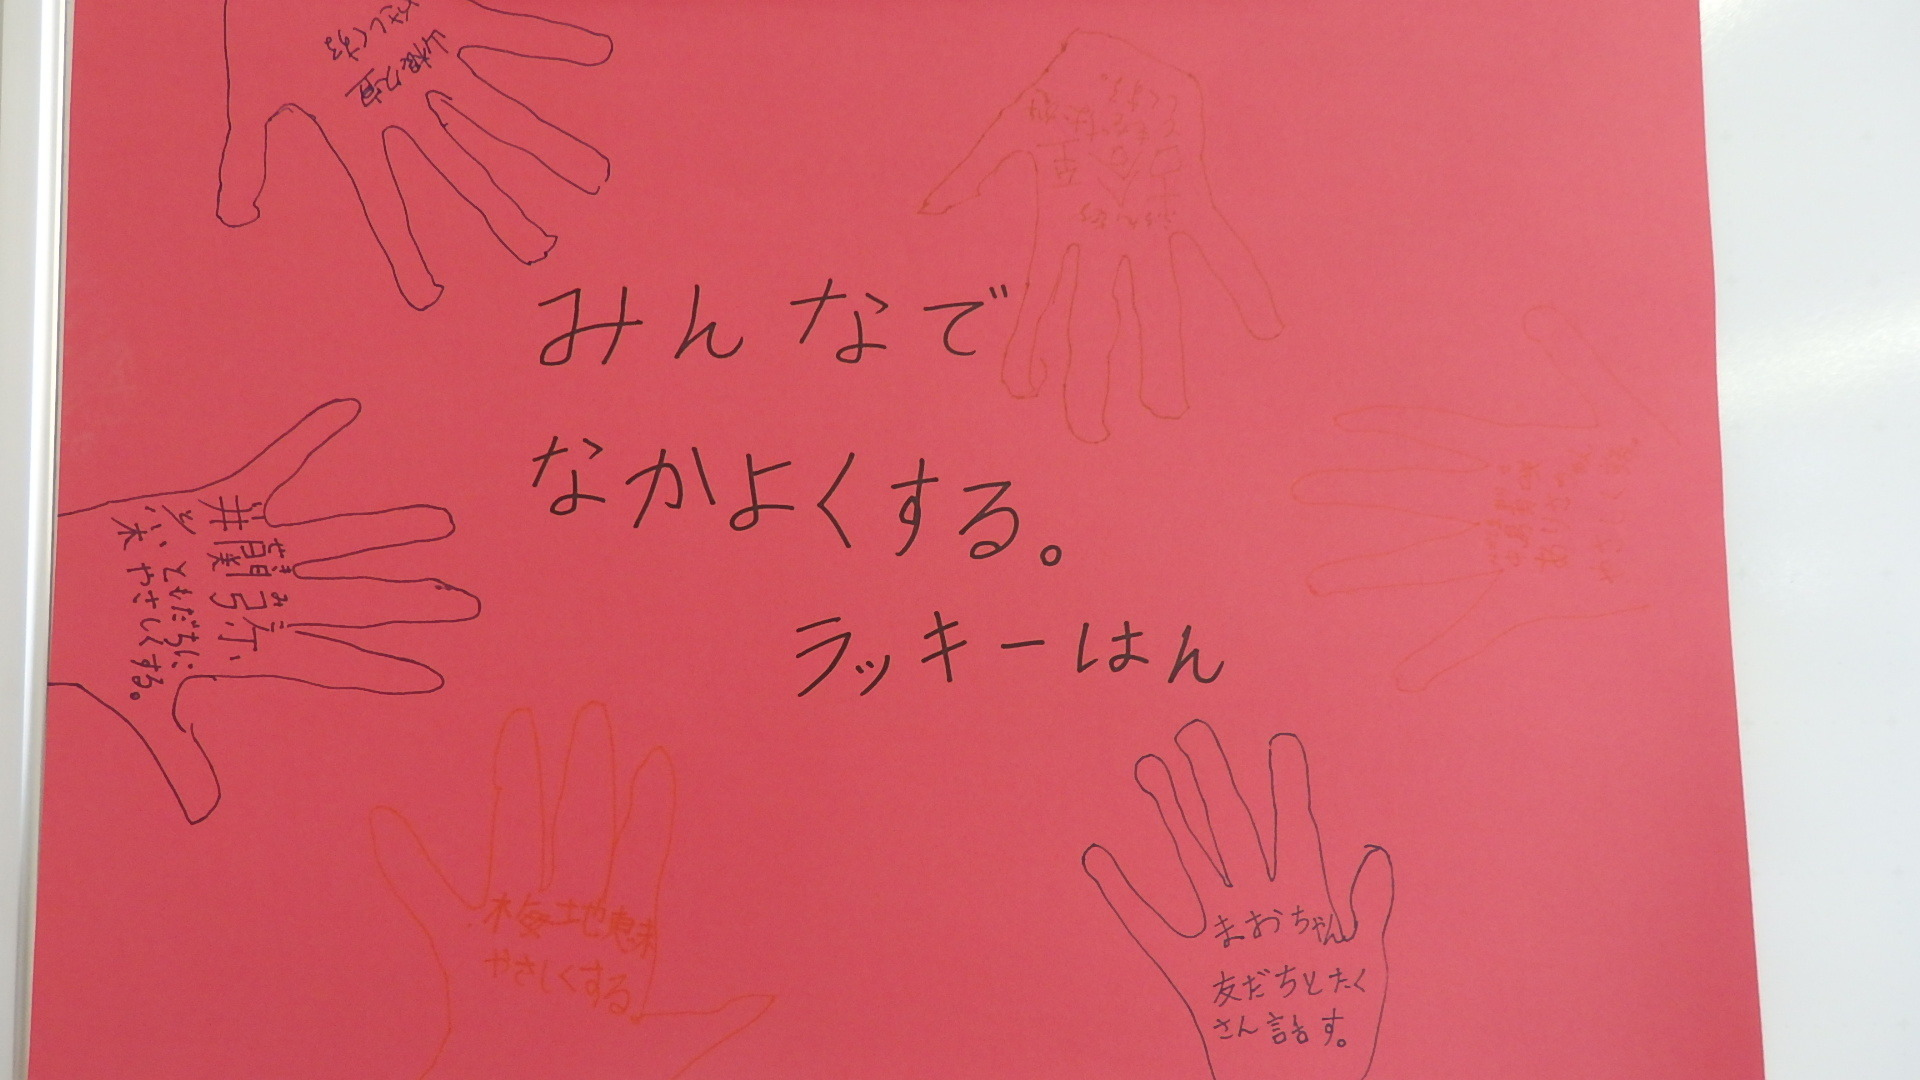 「はじめの一歩~春がきた!~」 はじまりました!!_b0239402_23292158.jpg